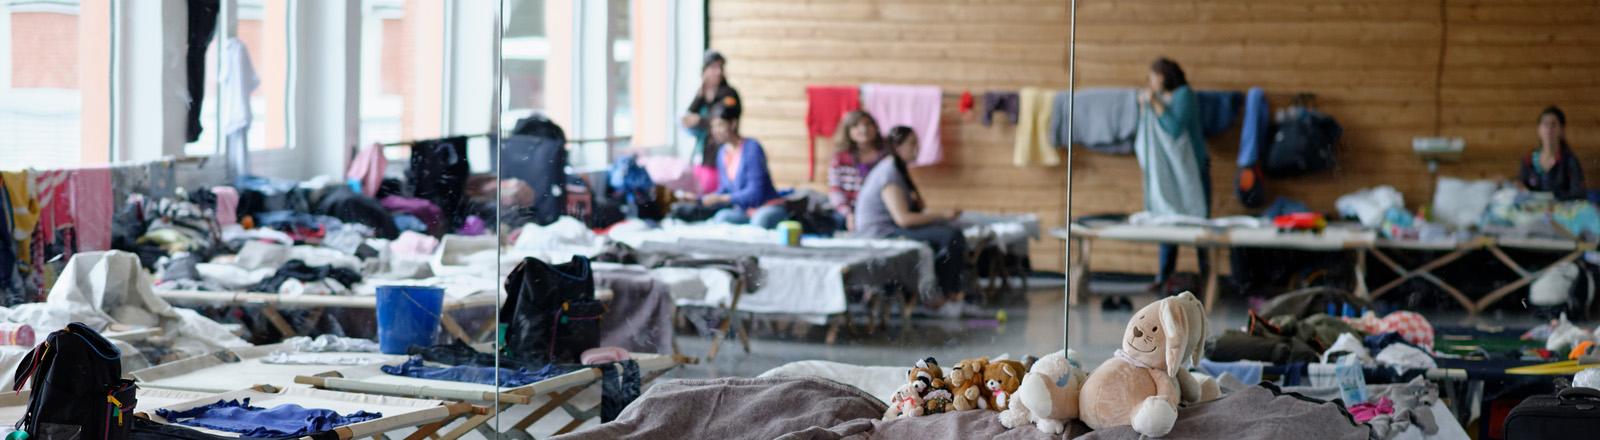 Feldbetten sind am 18.08.2015 in Rosdorf (Niedersachsen) in einer Turnhalle aufgebaut.